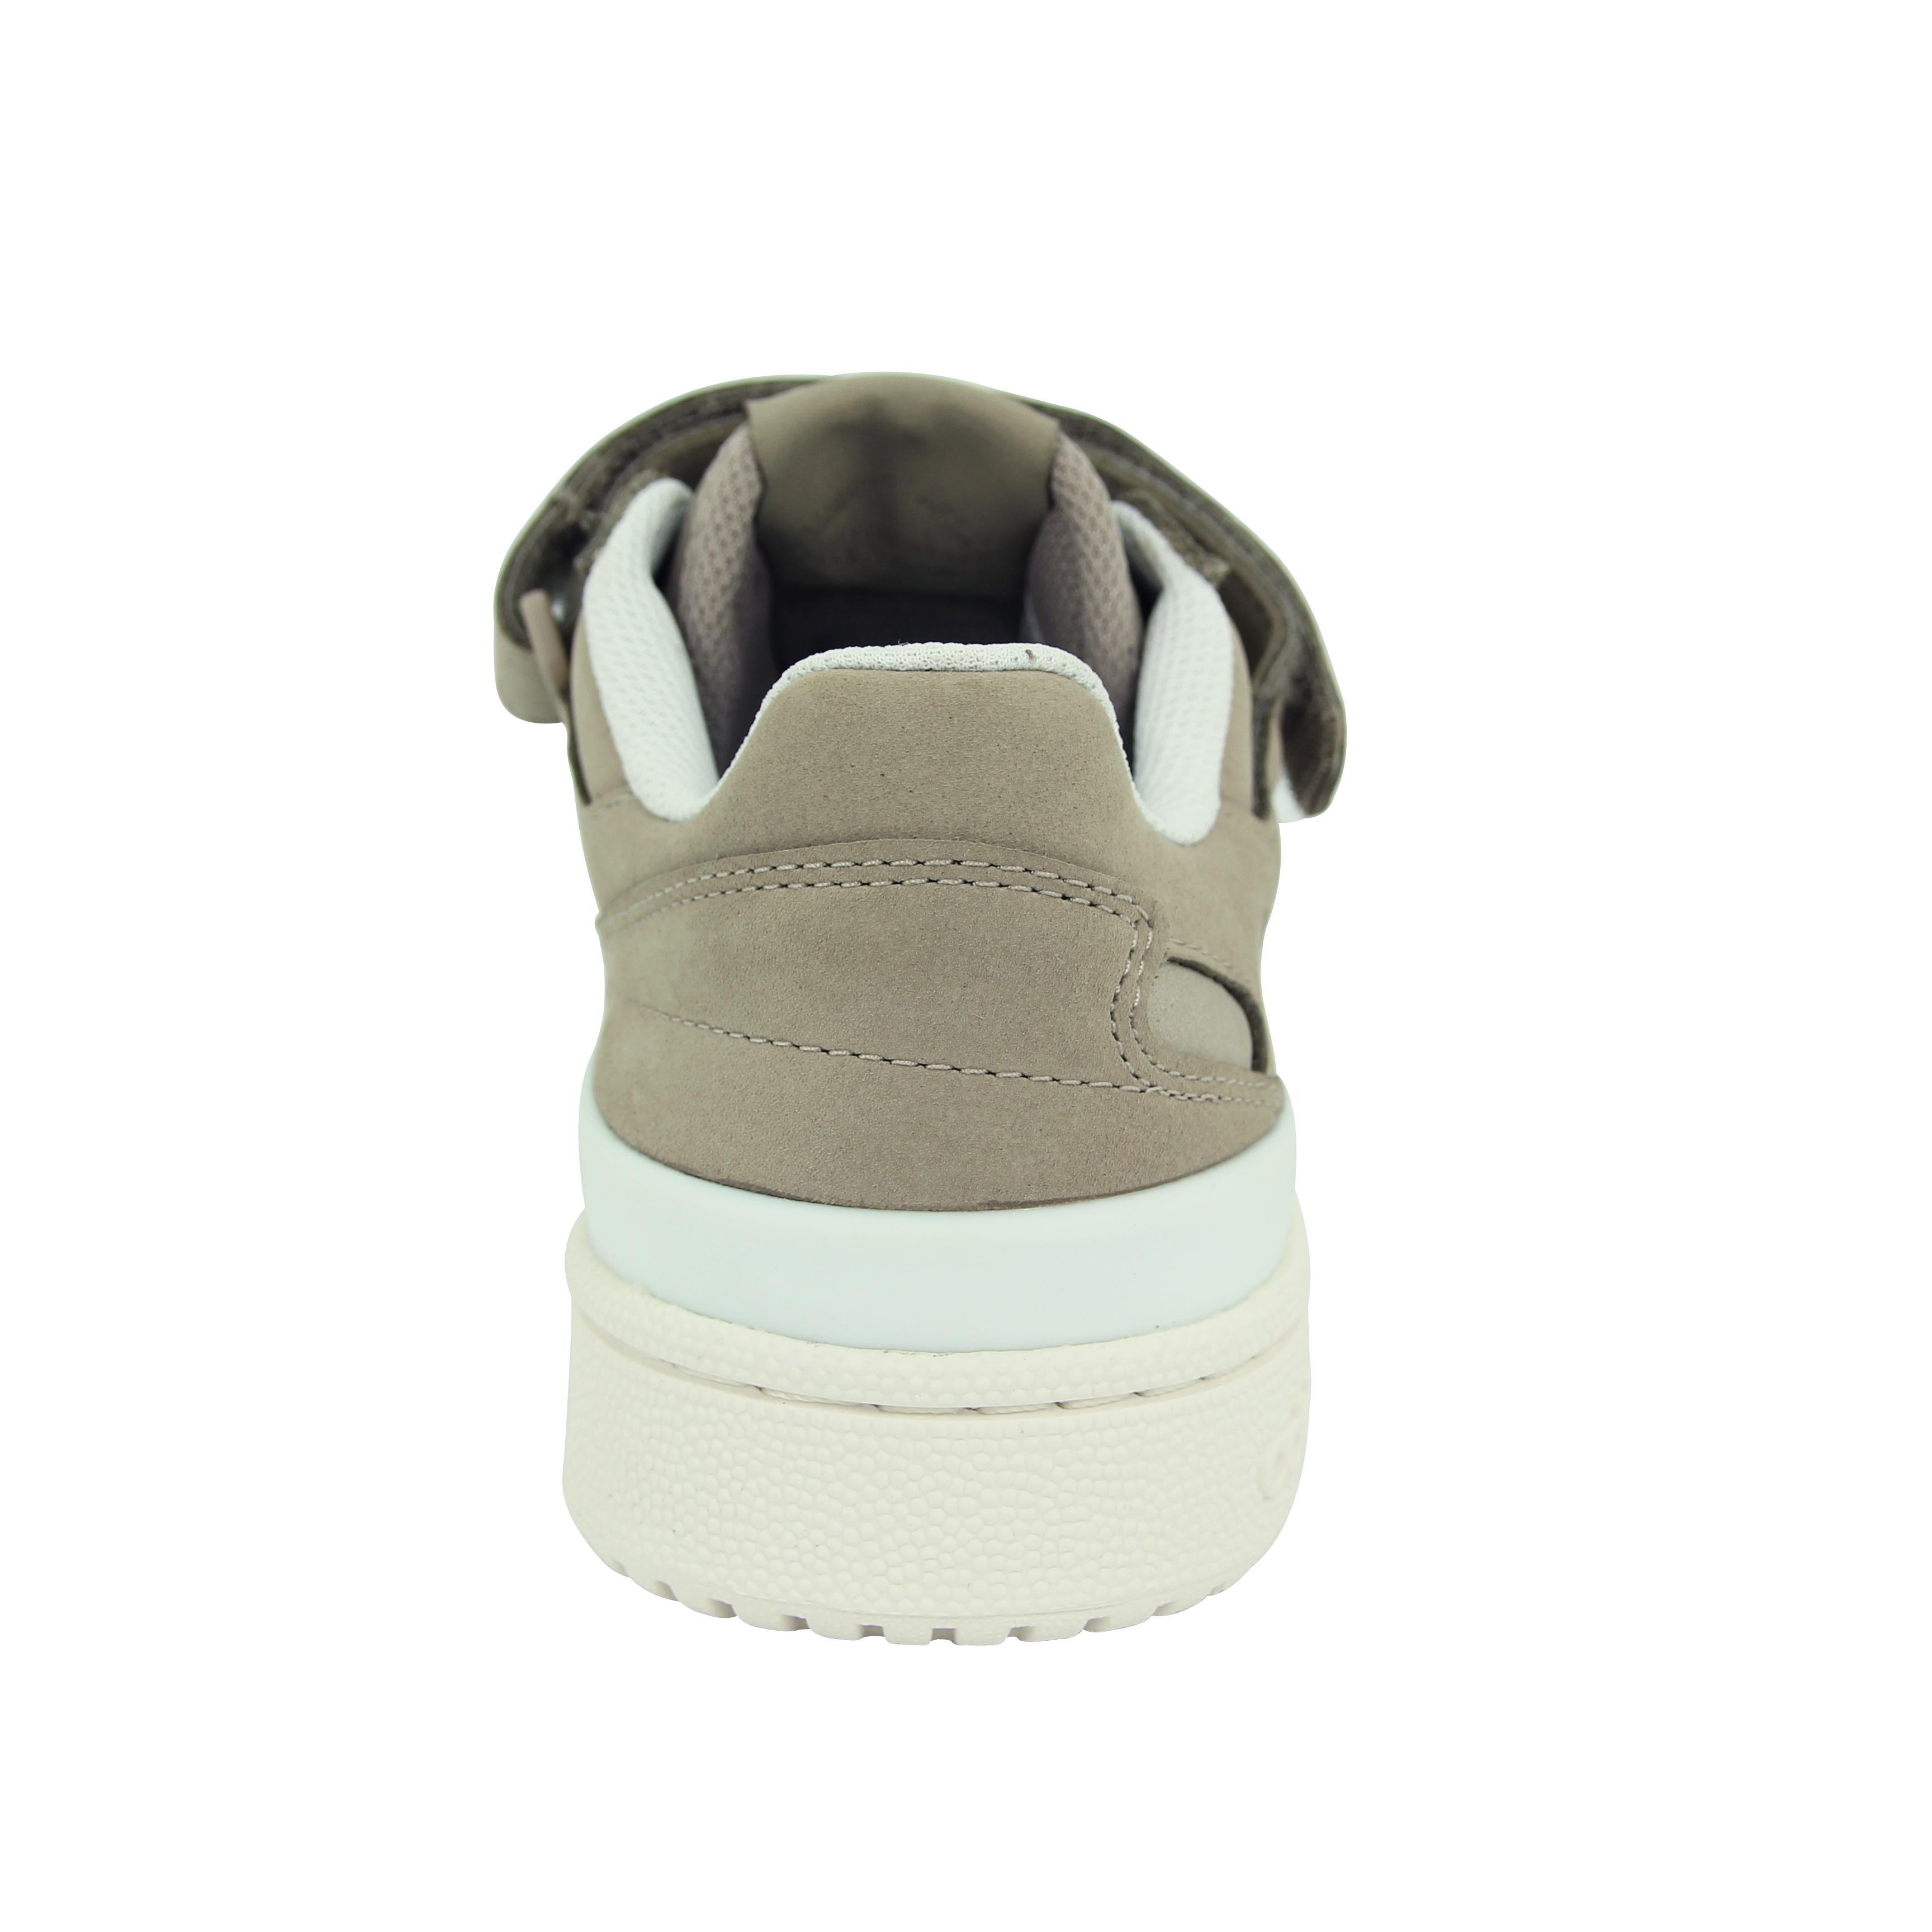 size 40 0e6c0 0dcdf adidas Originals FORUM LOW Cuir Chaussures Mode Sneakers Unisex 4 4 sur 6  ...